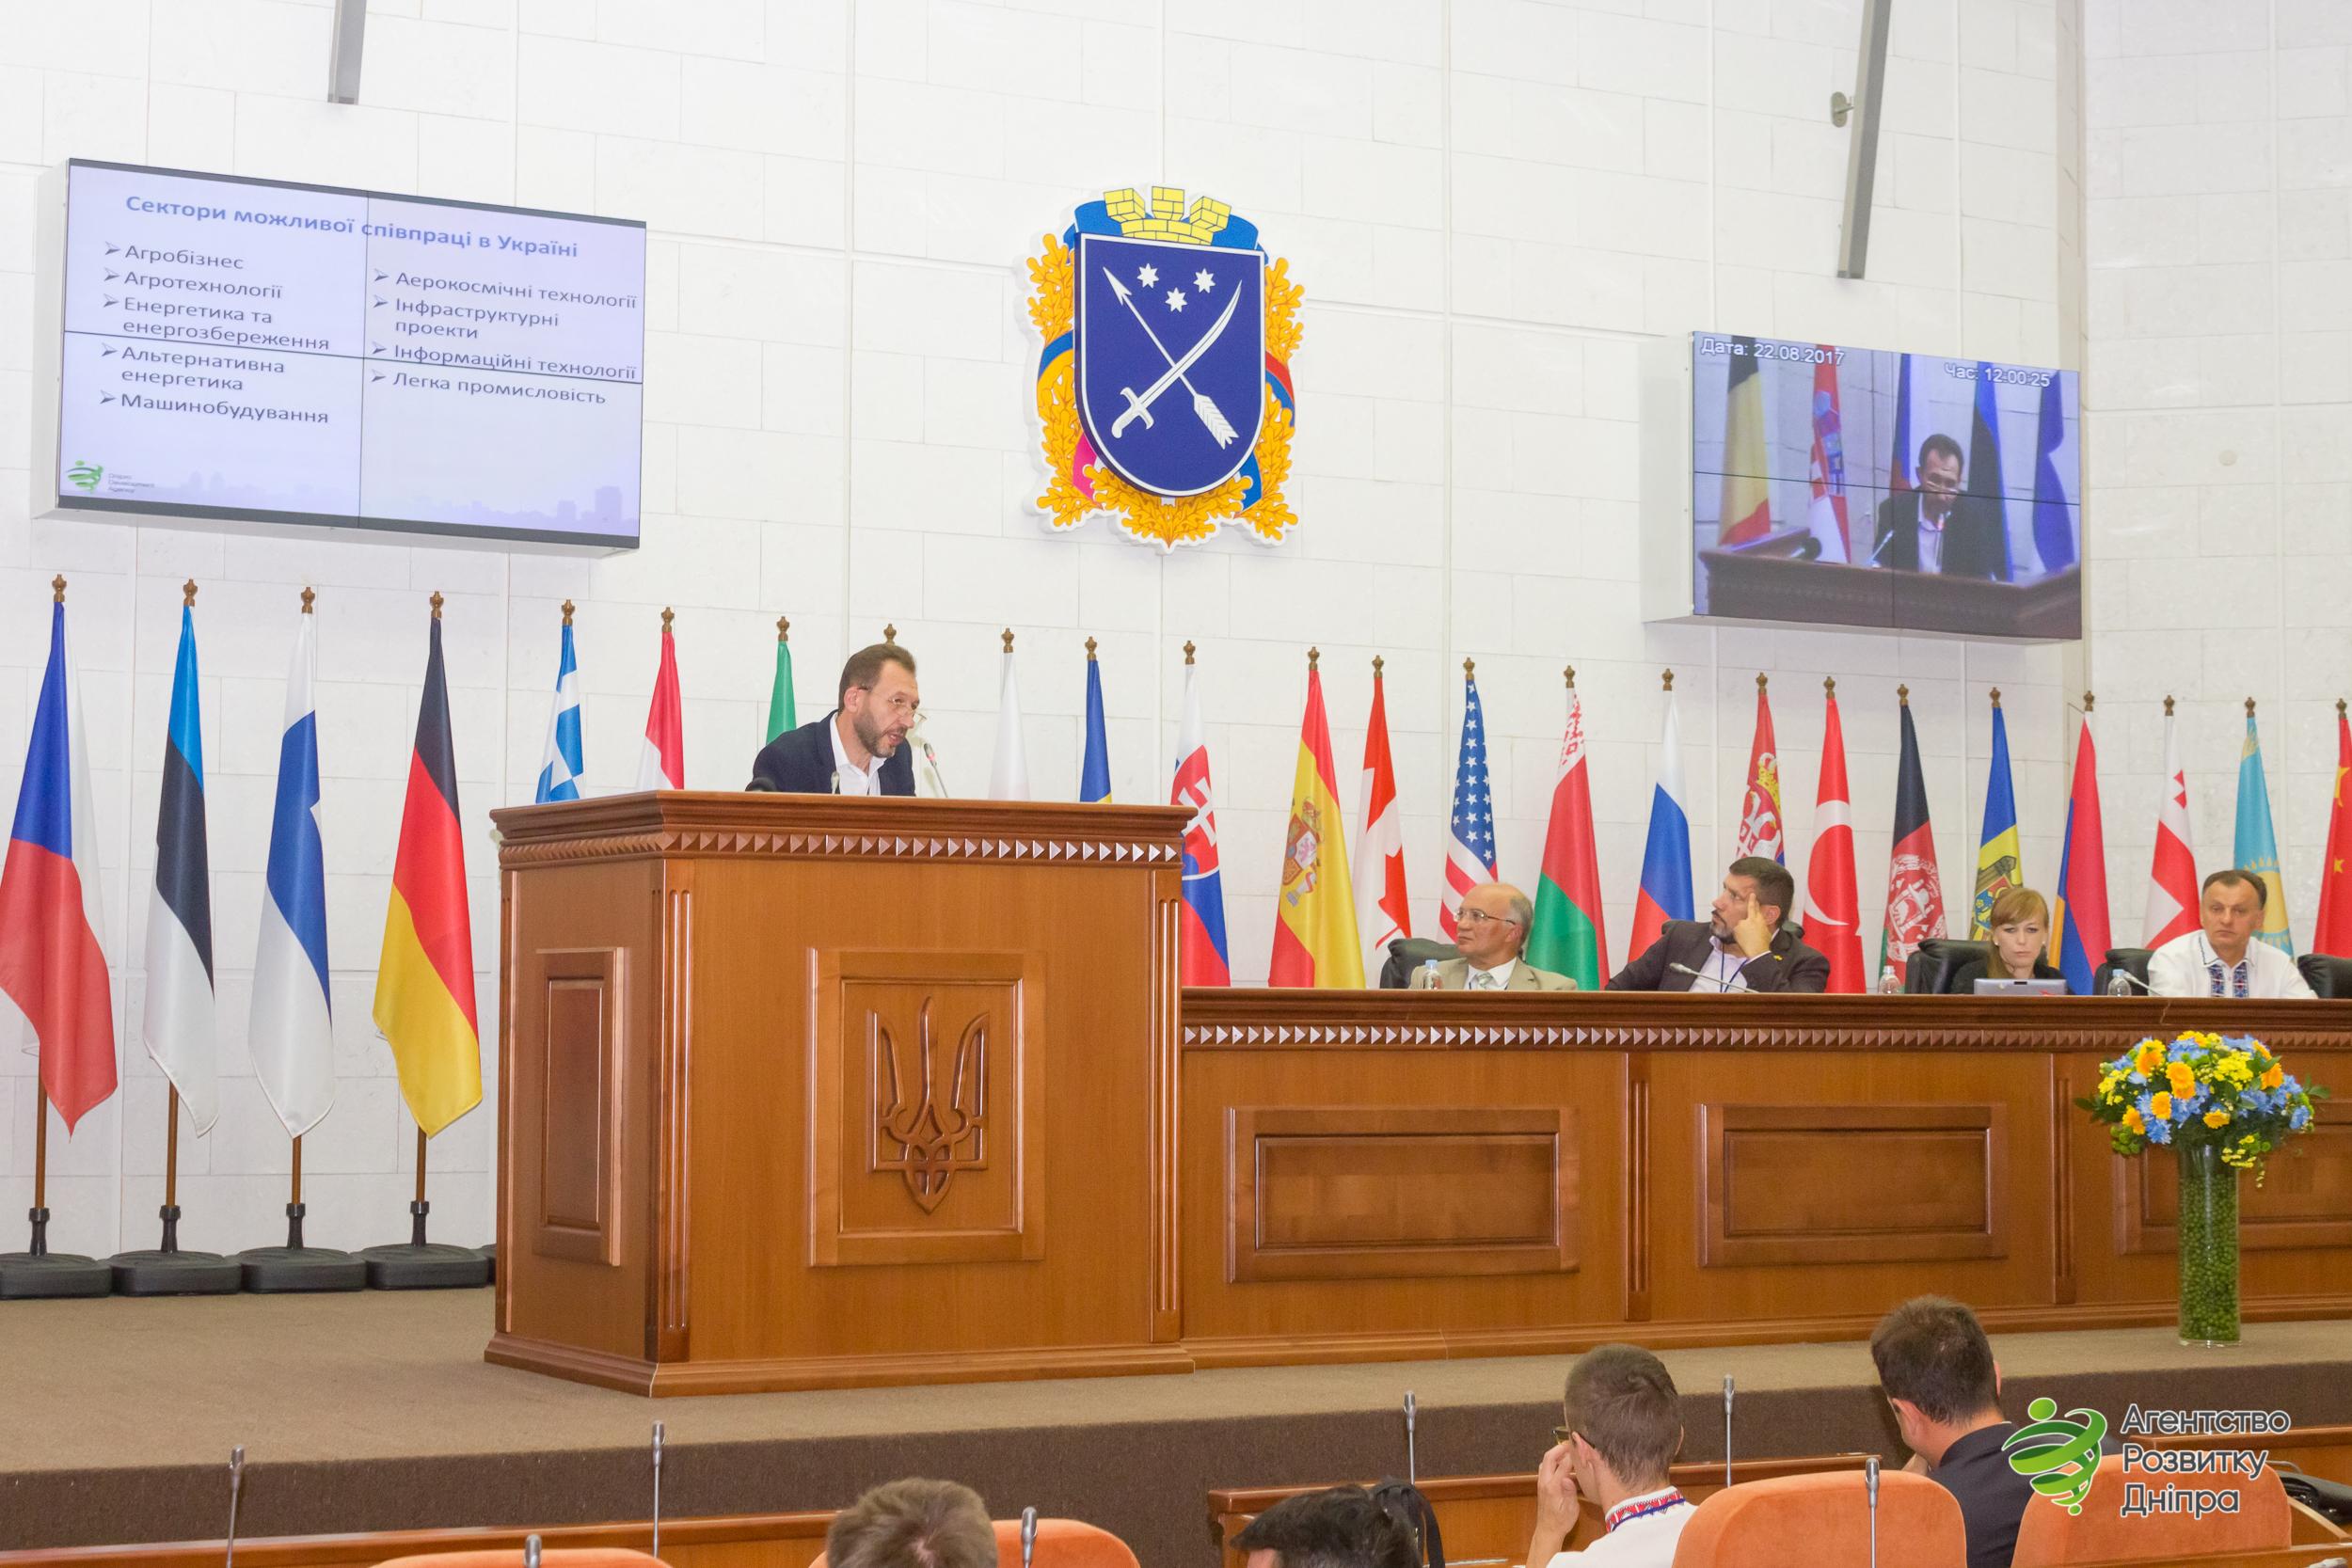 Учасники Форуму української молоді діаспори обговорили з експертами залучення інвестицій та розвиток бізнесу в Україні